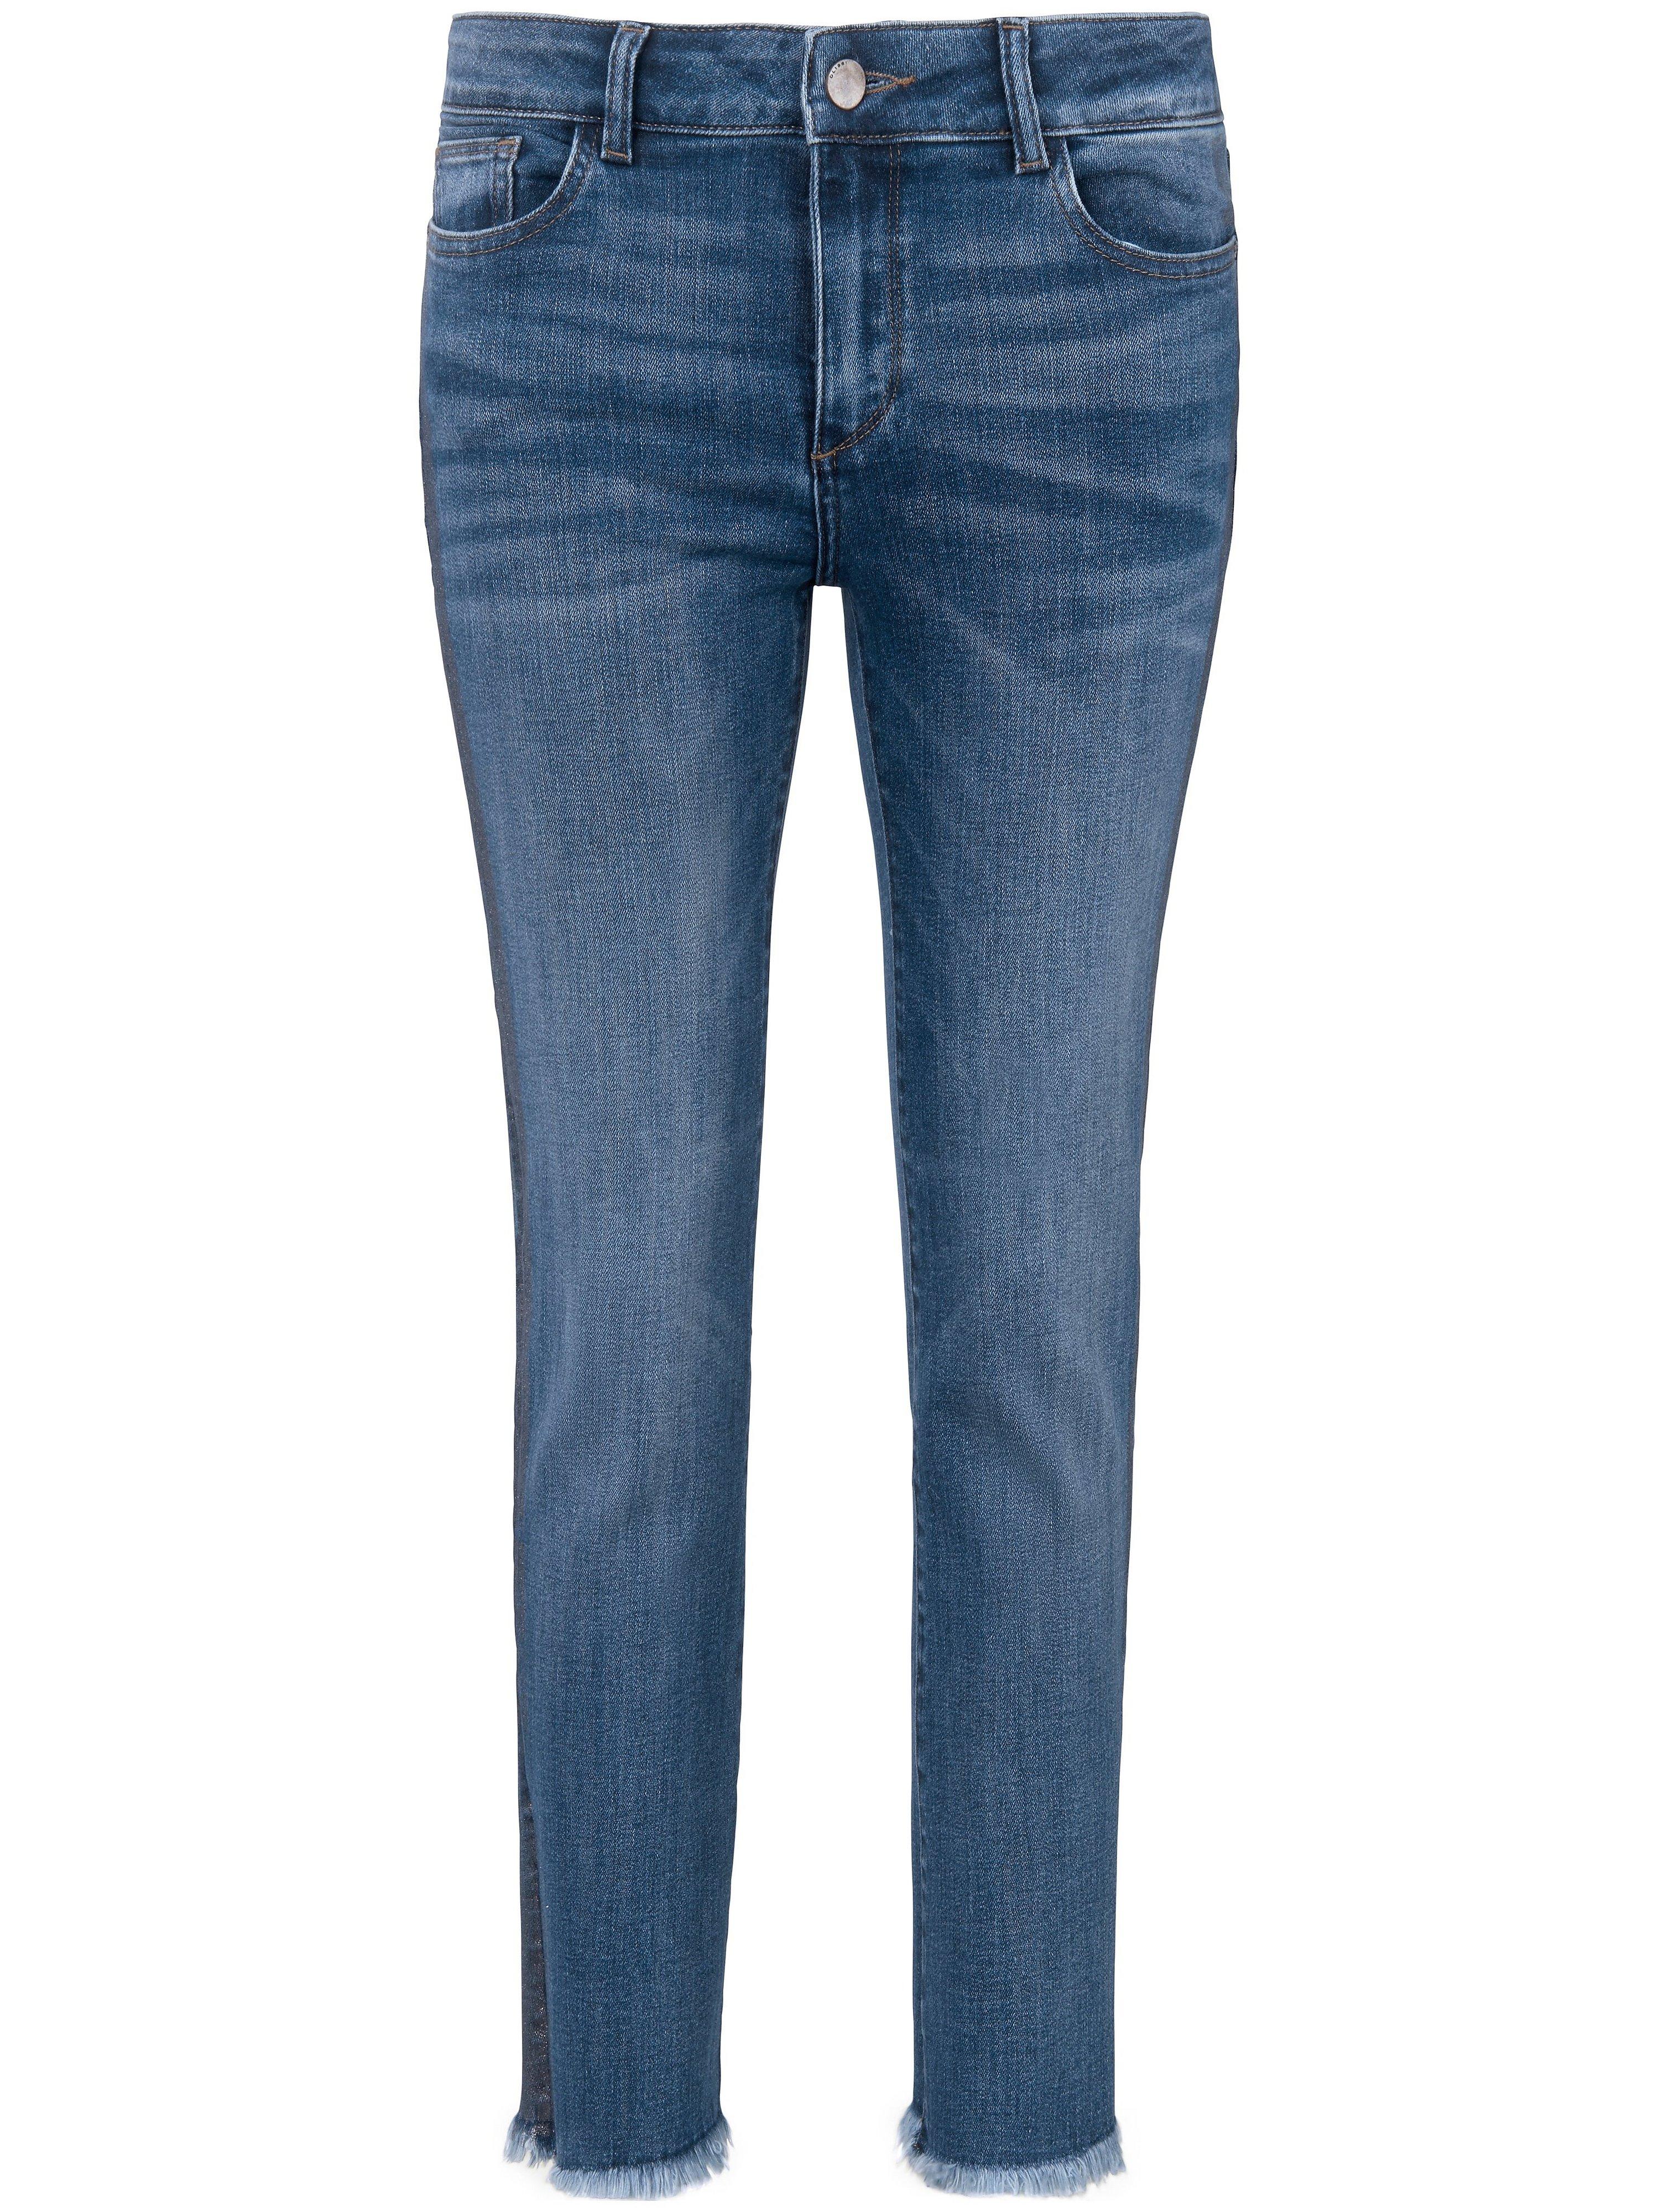 Enkellange jeans model Mara Ankle Van DL1961 denim